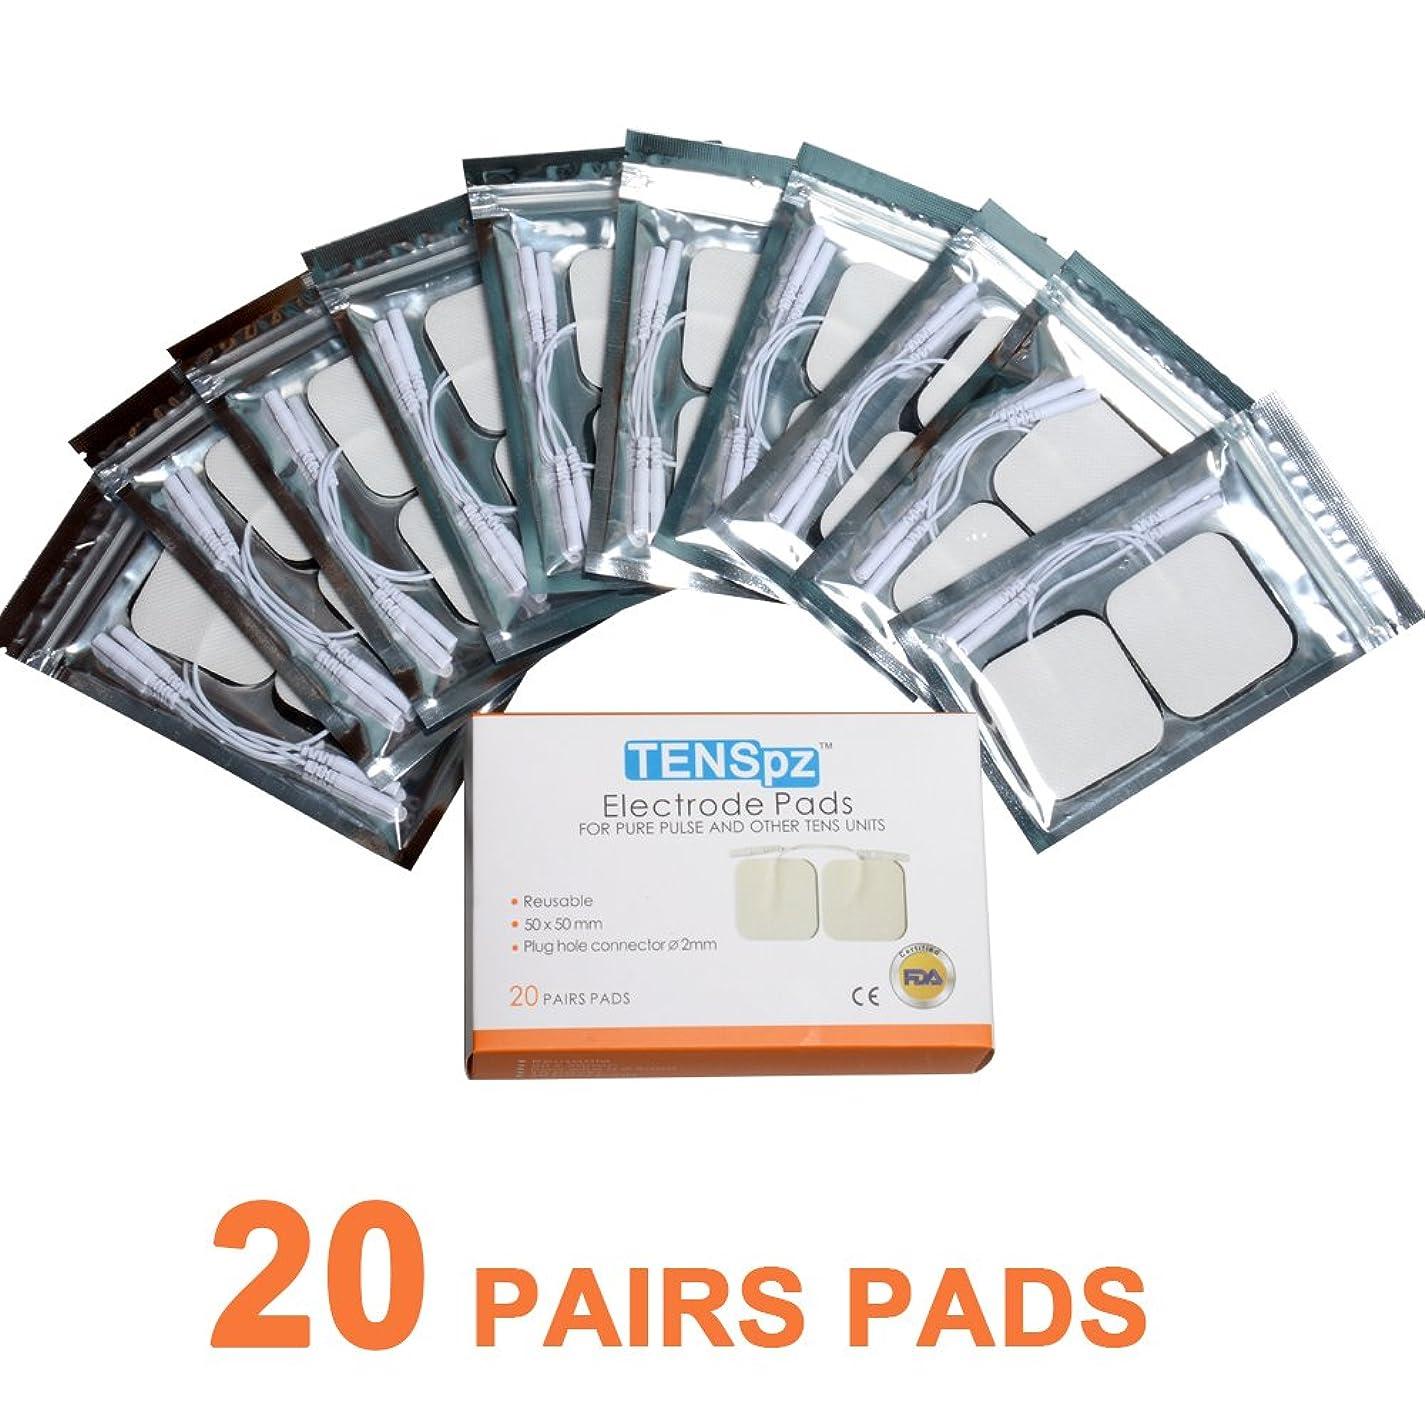 悩む専門知識退化するKonmed 粘着パッド 低周波用 5*5cm電極パッド ,10袋,4枚入り/袋